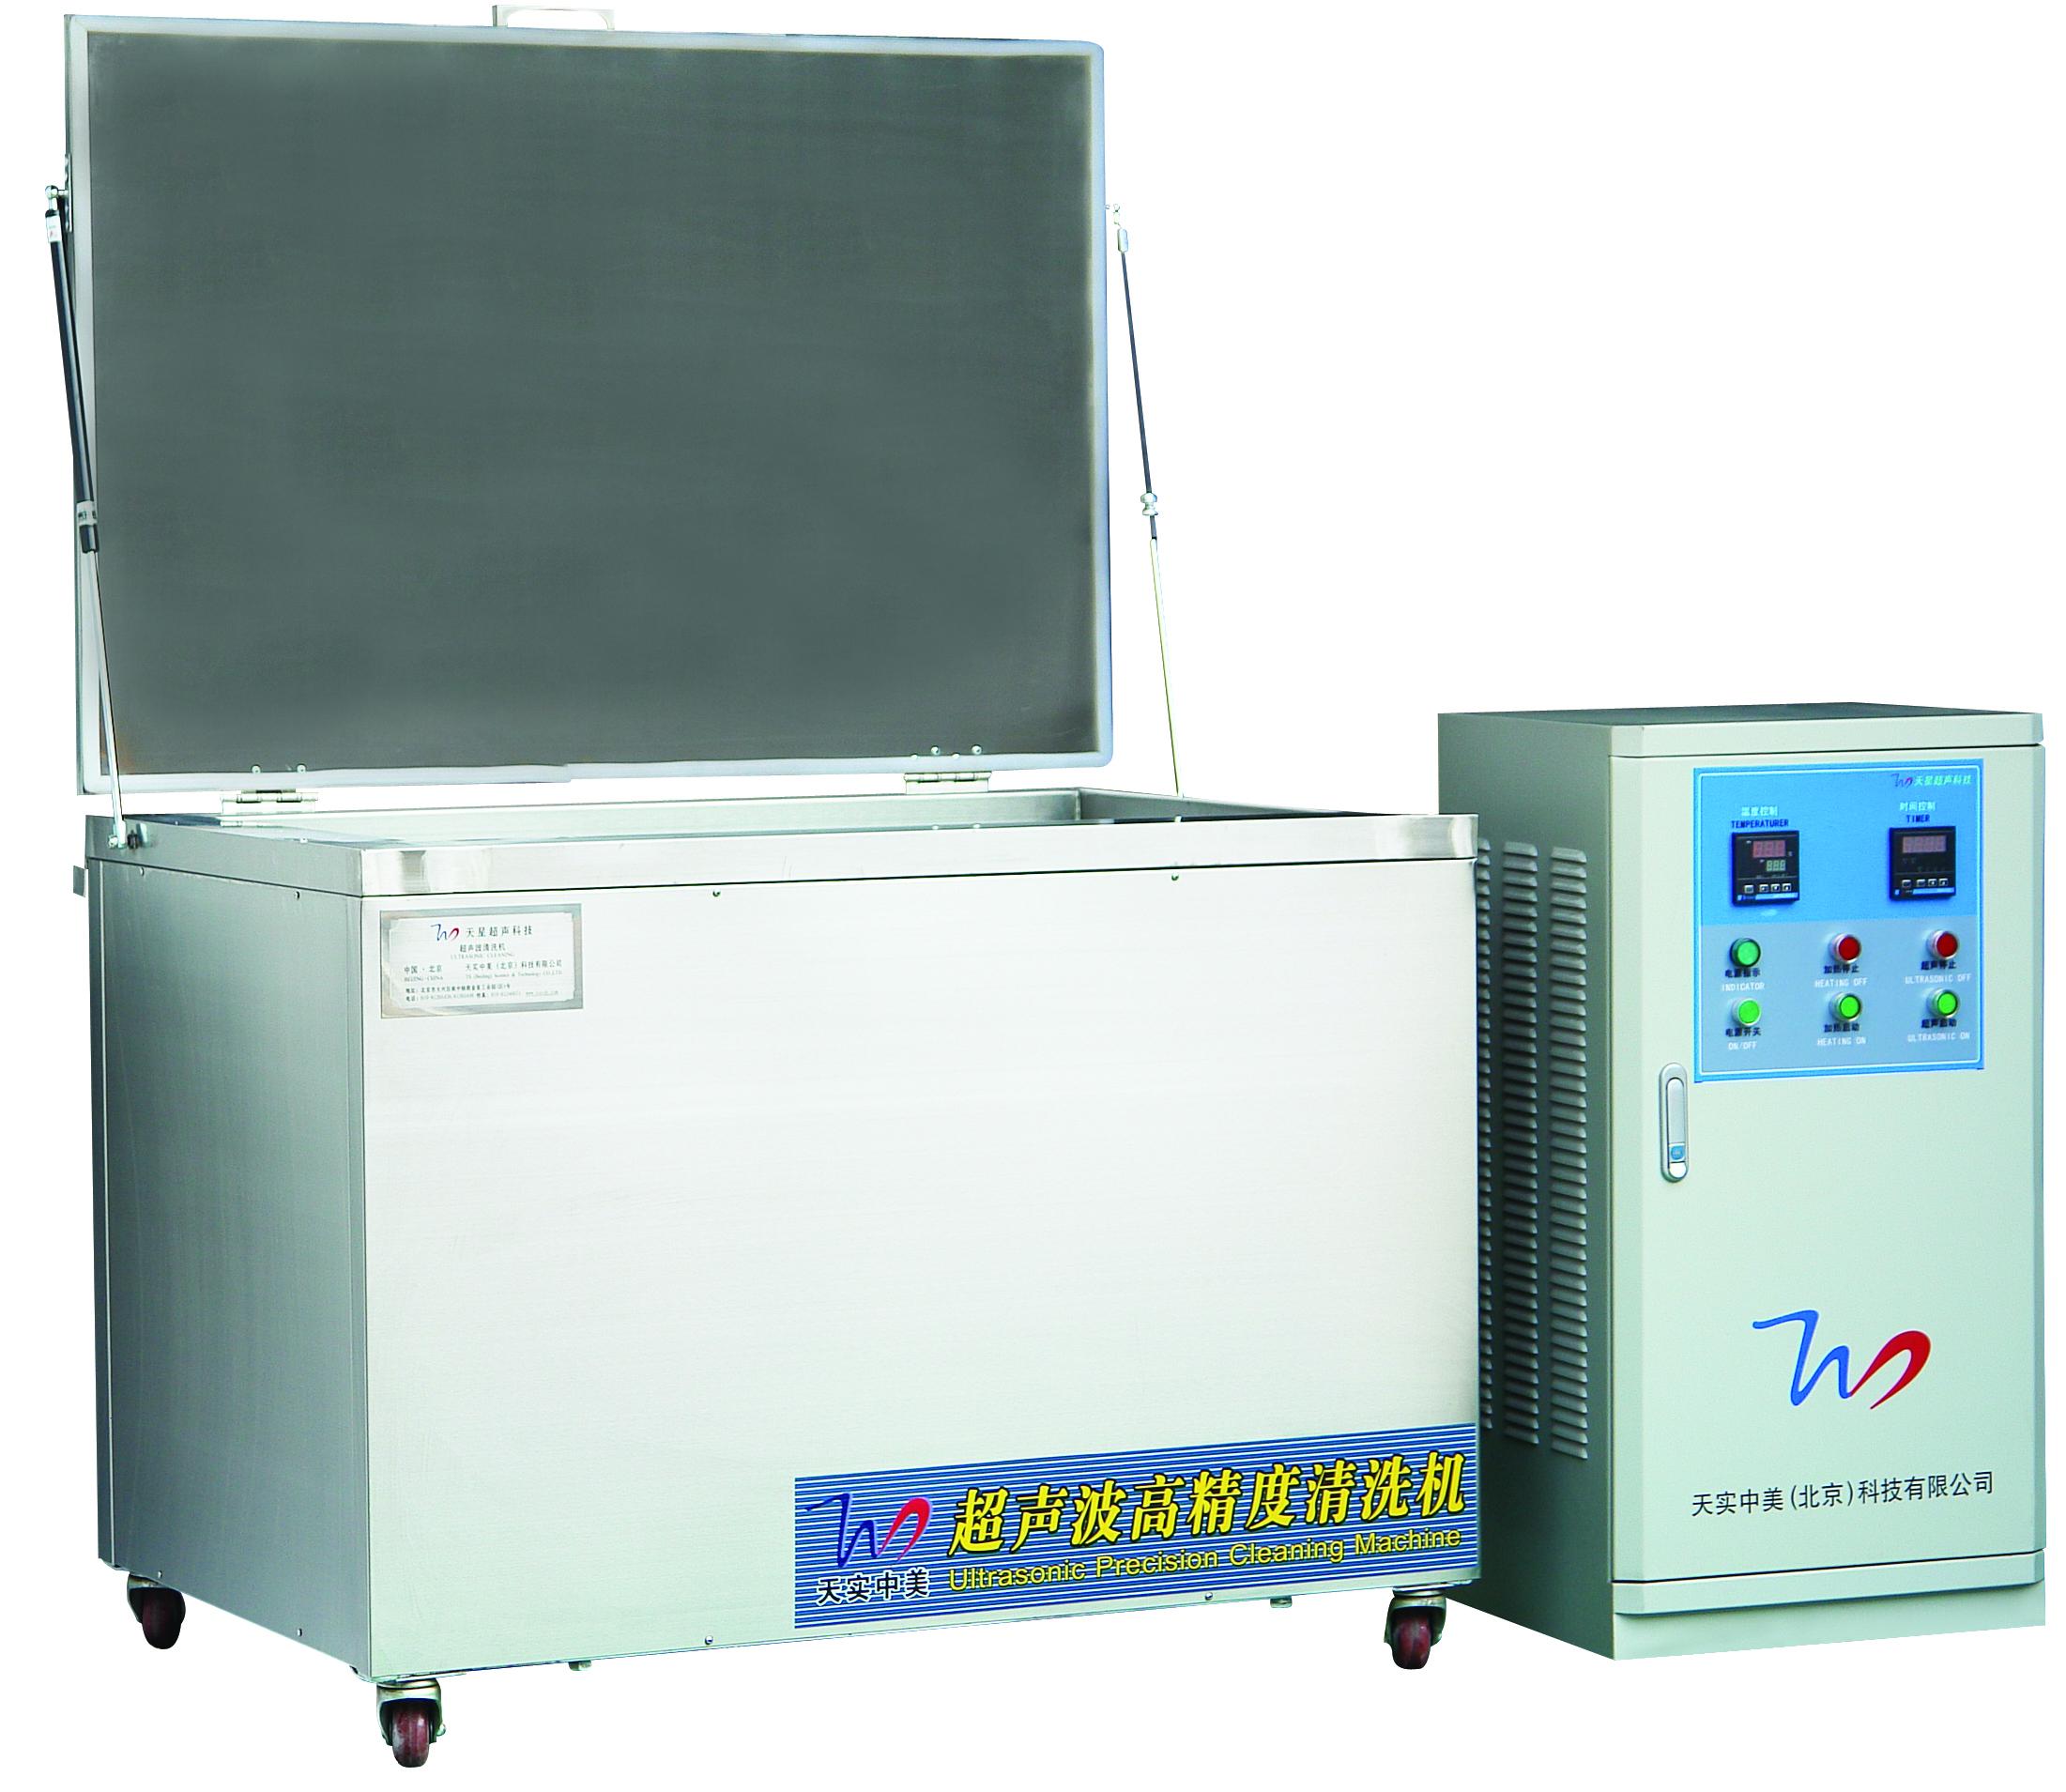 TS-3600超聲波清洗機